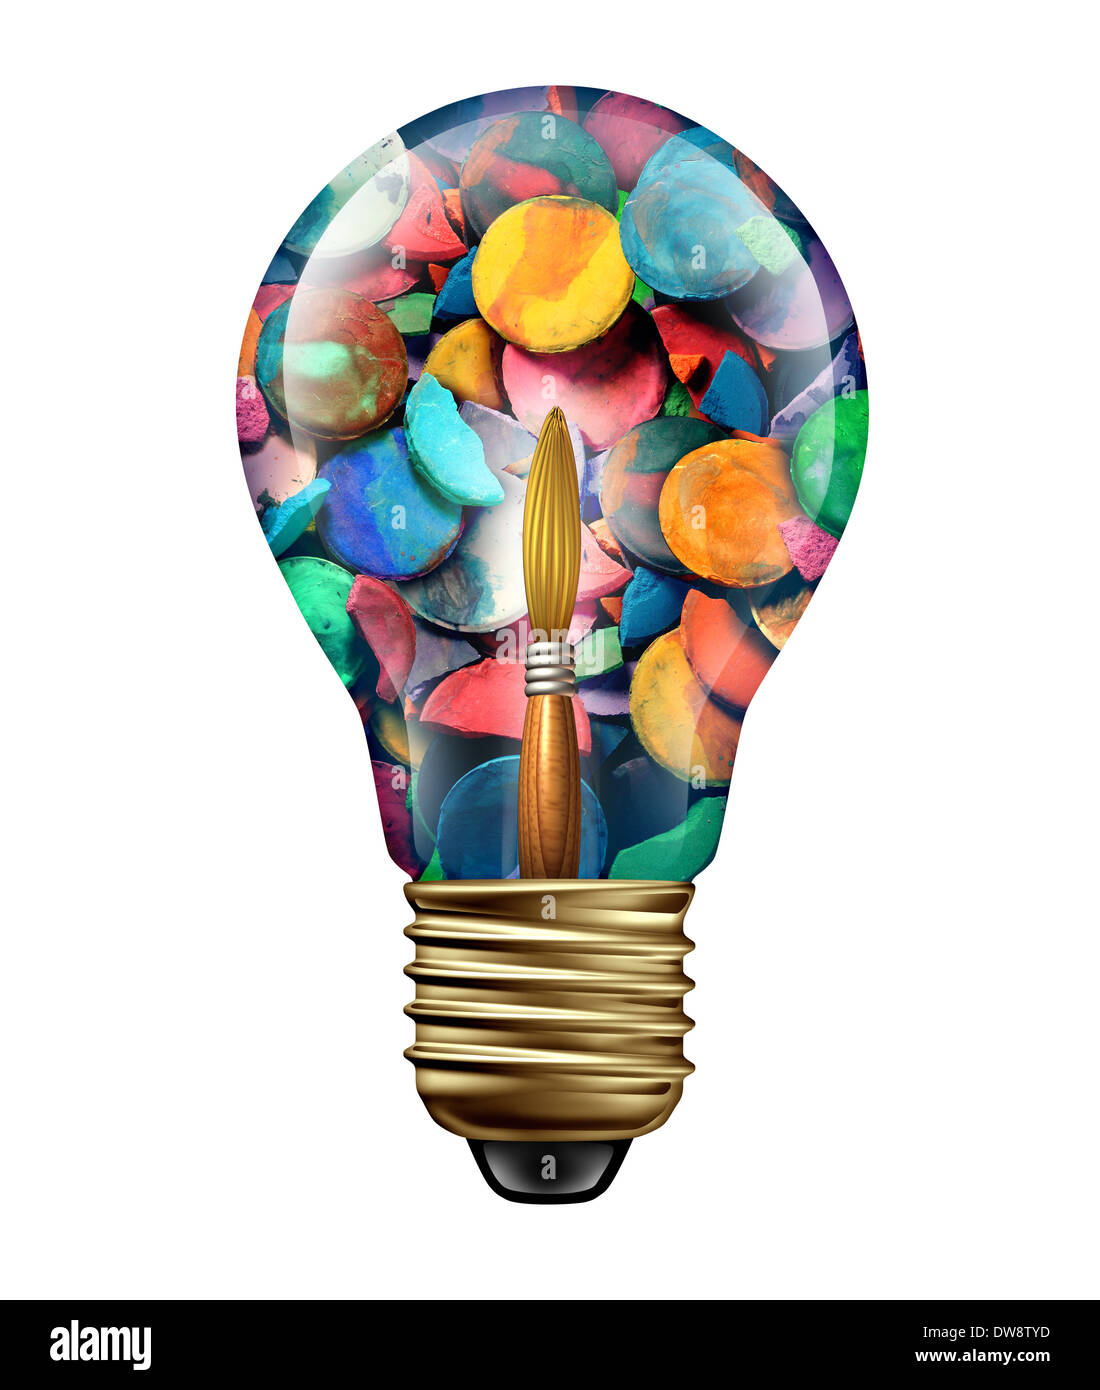 Kunst Ideen Und Kreativen Ausdruck Konzept Als Eine Gruppe Von Farben Und Pinsel Geformt Wie Ein Gluhbirnensymbol Als Metapher Fur Das Kunstlerische Handwerk Phantasie Und Freiheit Farbenfrohe Meisterwerke Isoliert Auf Weiss Stockfotografie